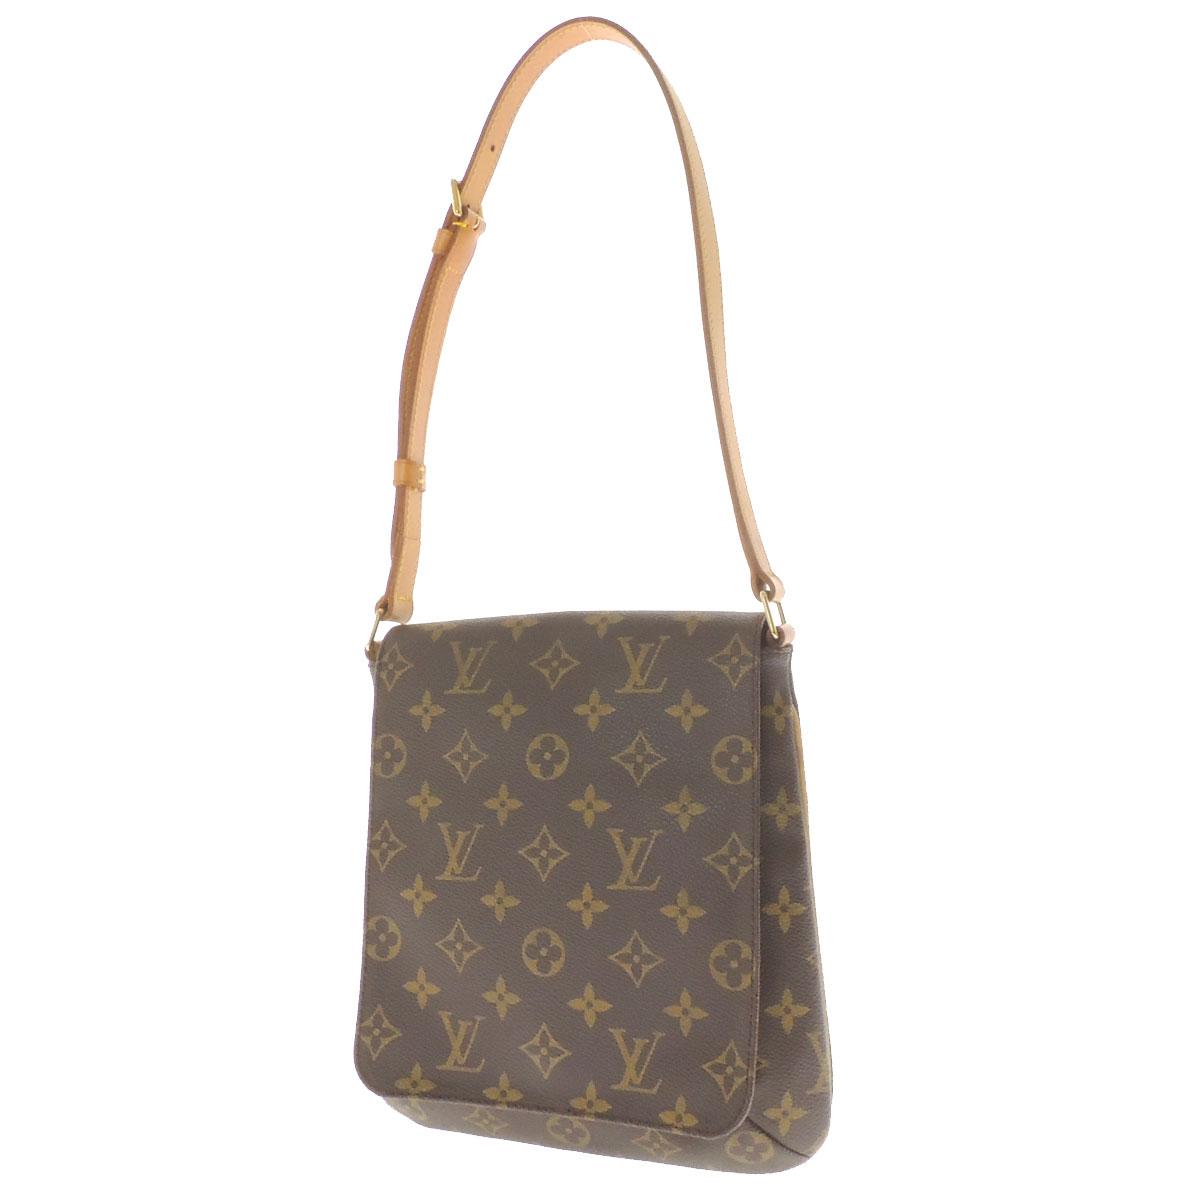 LOUIS VUITTON musette salsa S M51258 shoulder bag monogram canvas Lady's fs3gm